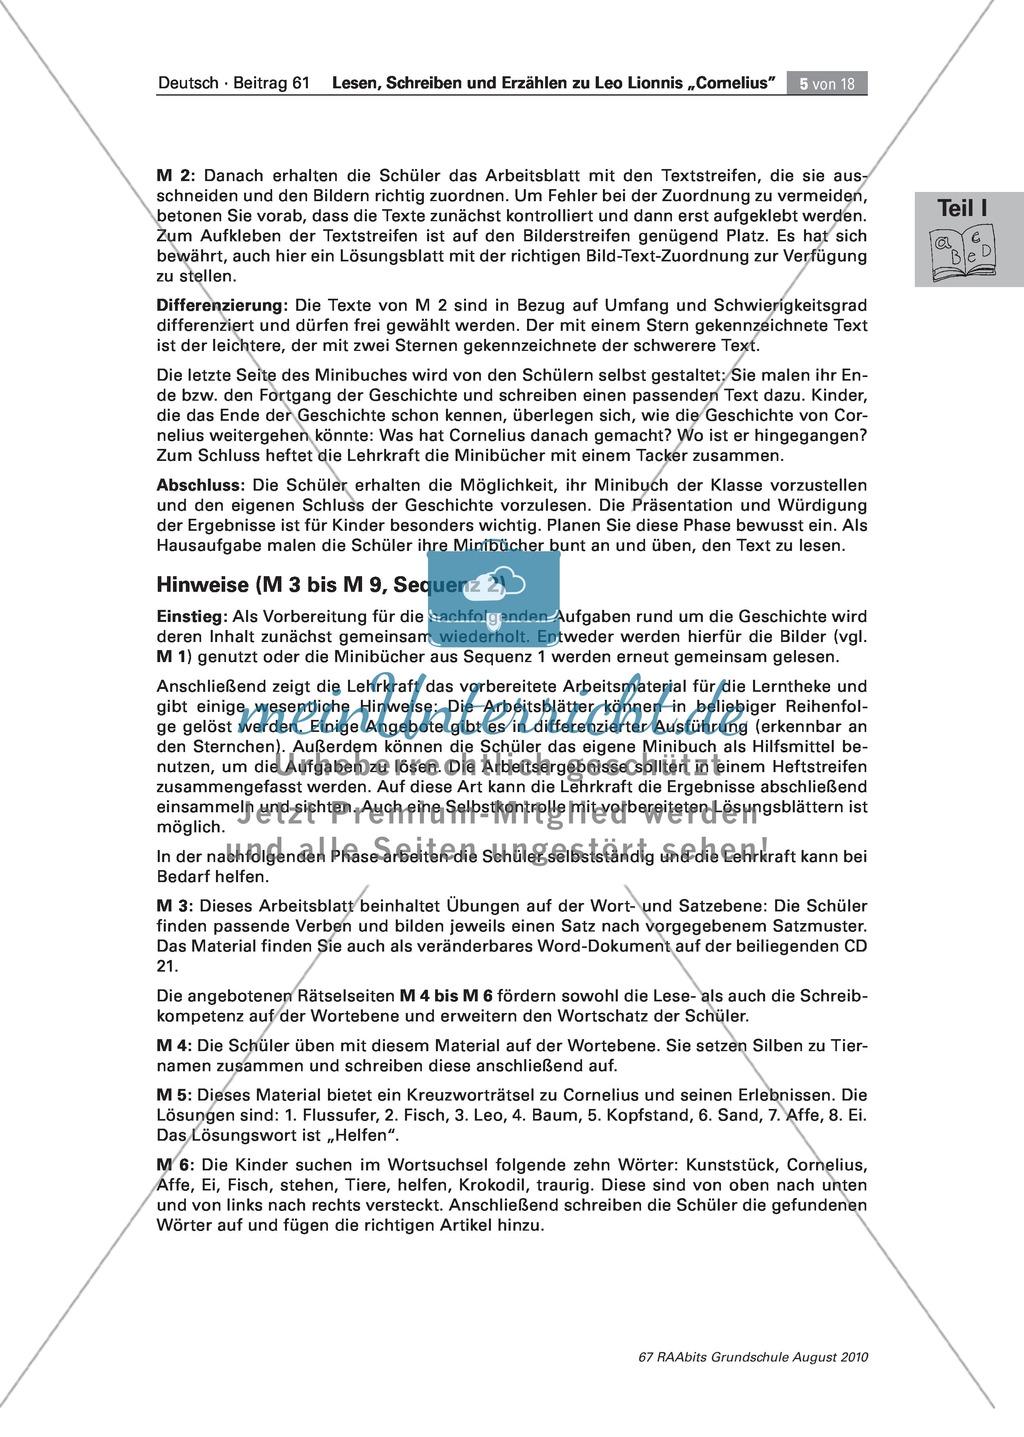 """Wir lesen das Bilderbuch """"Cornelius"""": Gesamtes Material Preview 5"""